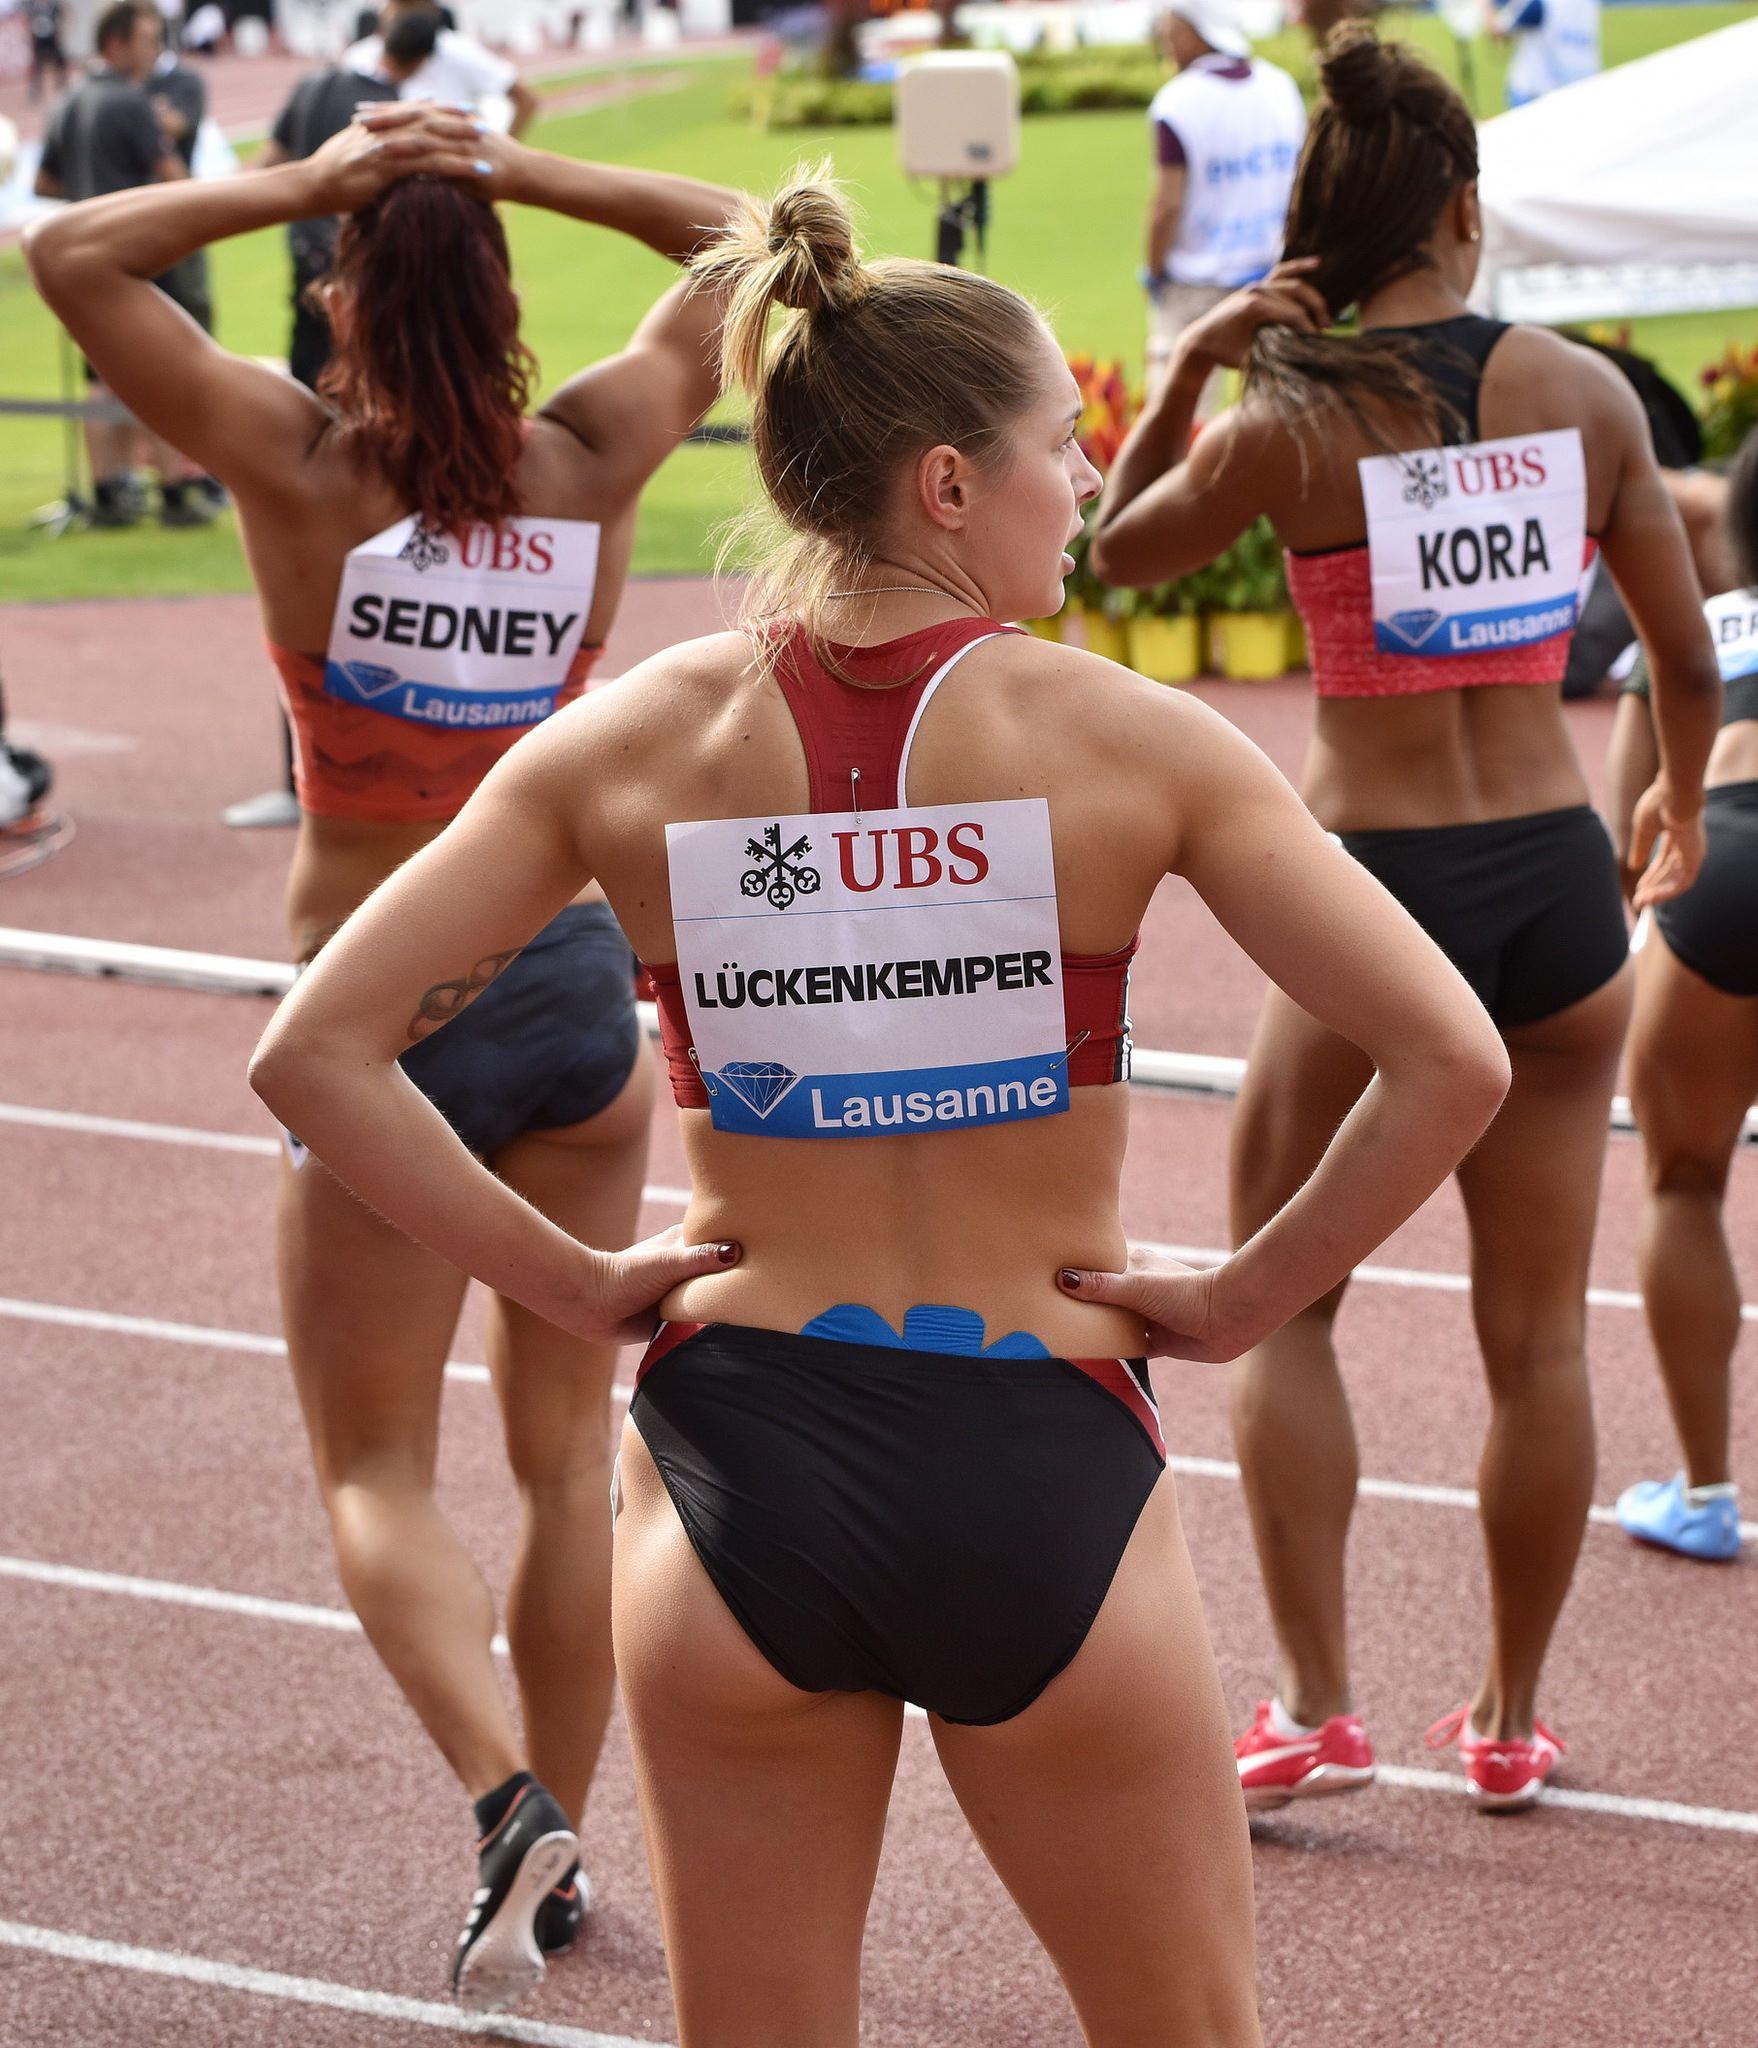 Gina Lückenkemper (GER) | Track and field, Lausanne, Athlete